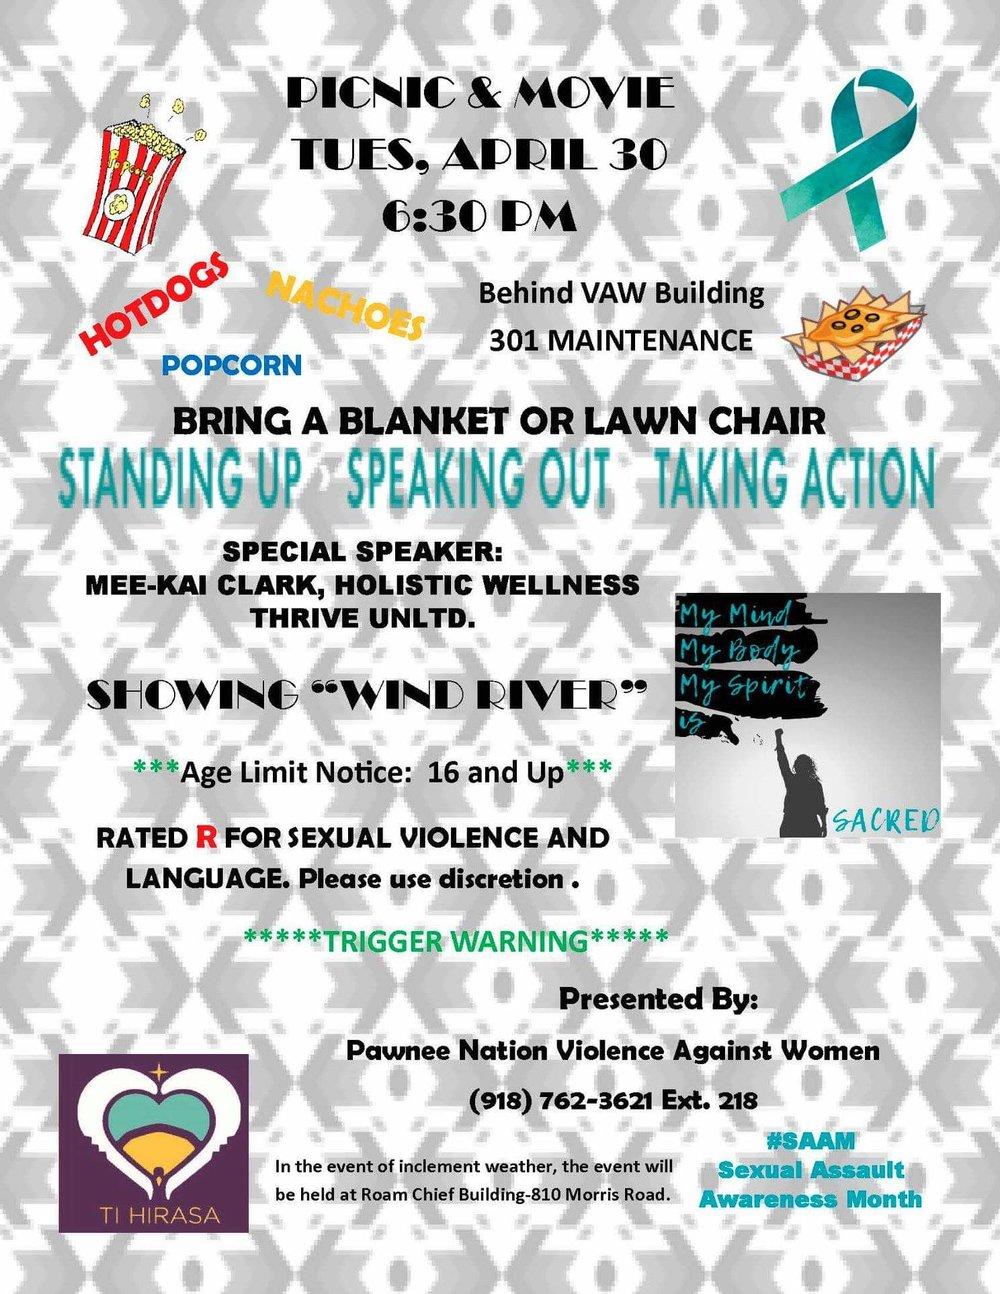 TiHirasa Pawnee Nation Sexual Assault Awareness Month